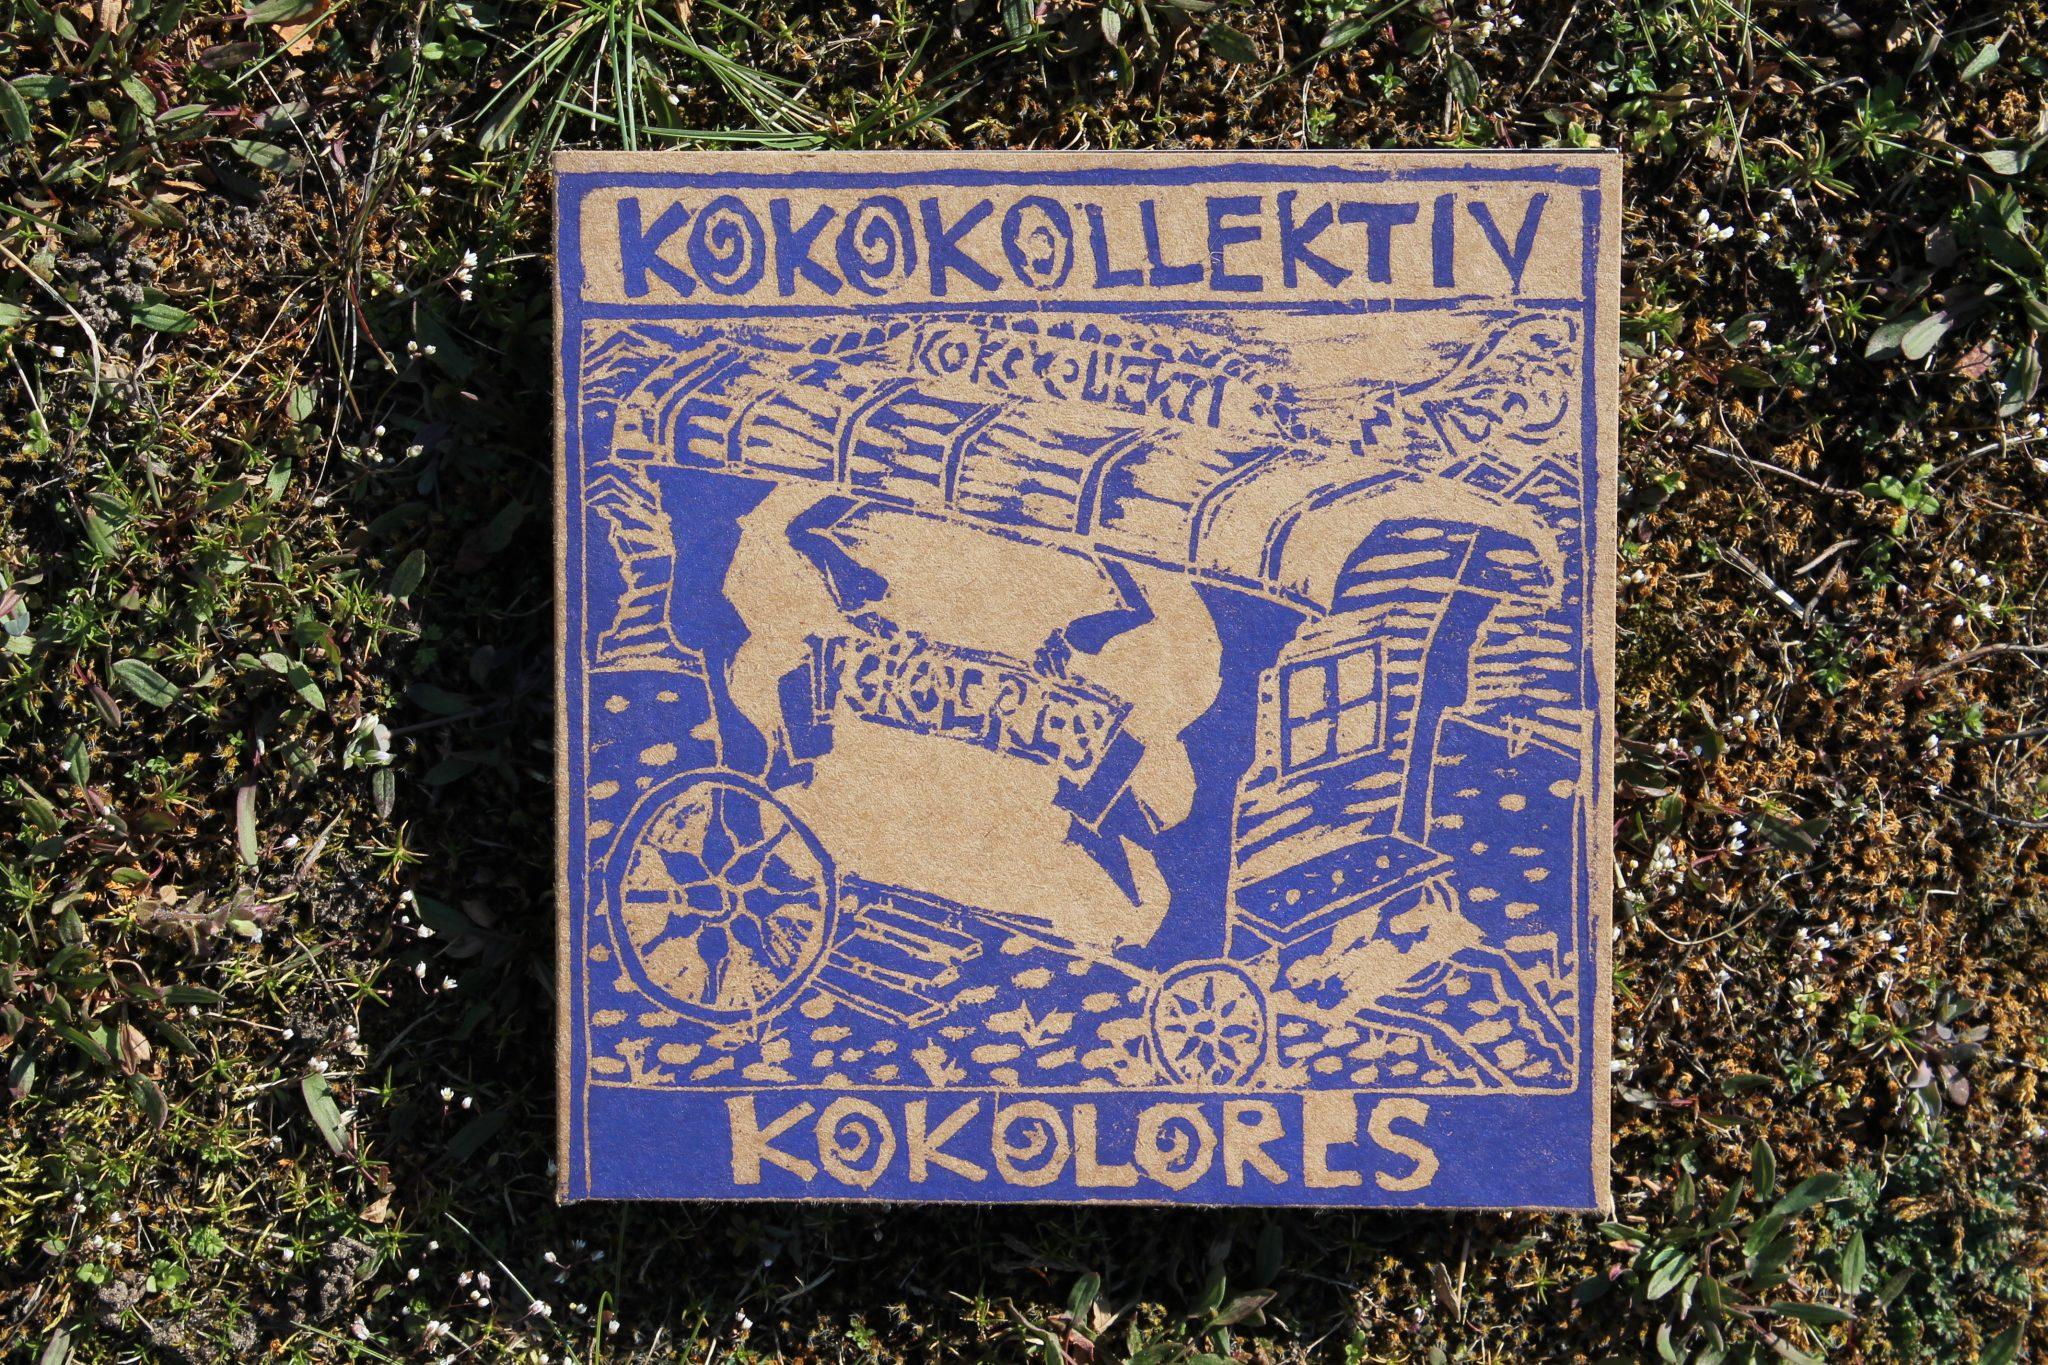 Holzdruck scaled - Kokokollektiv